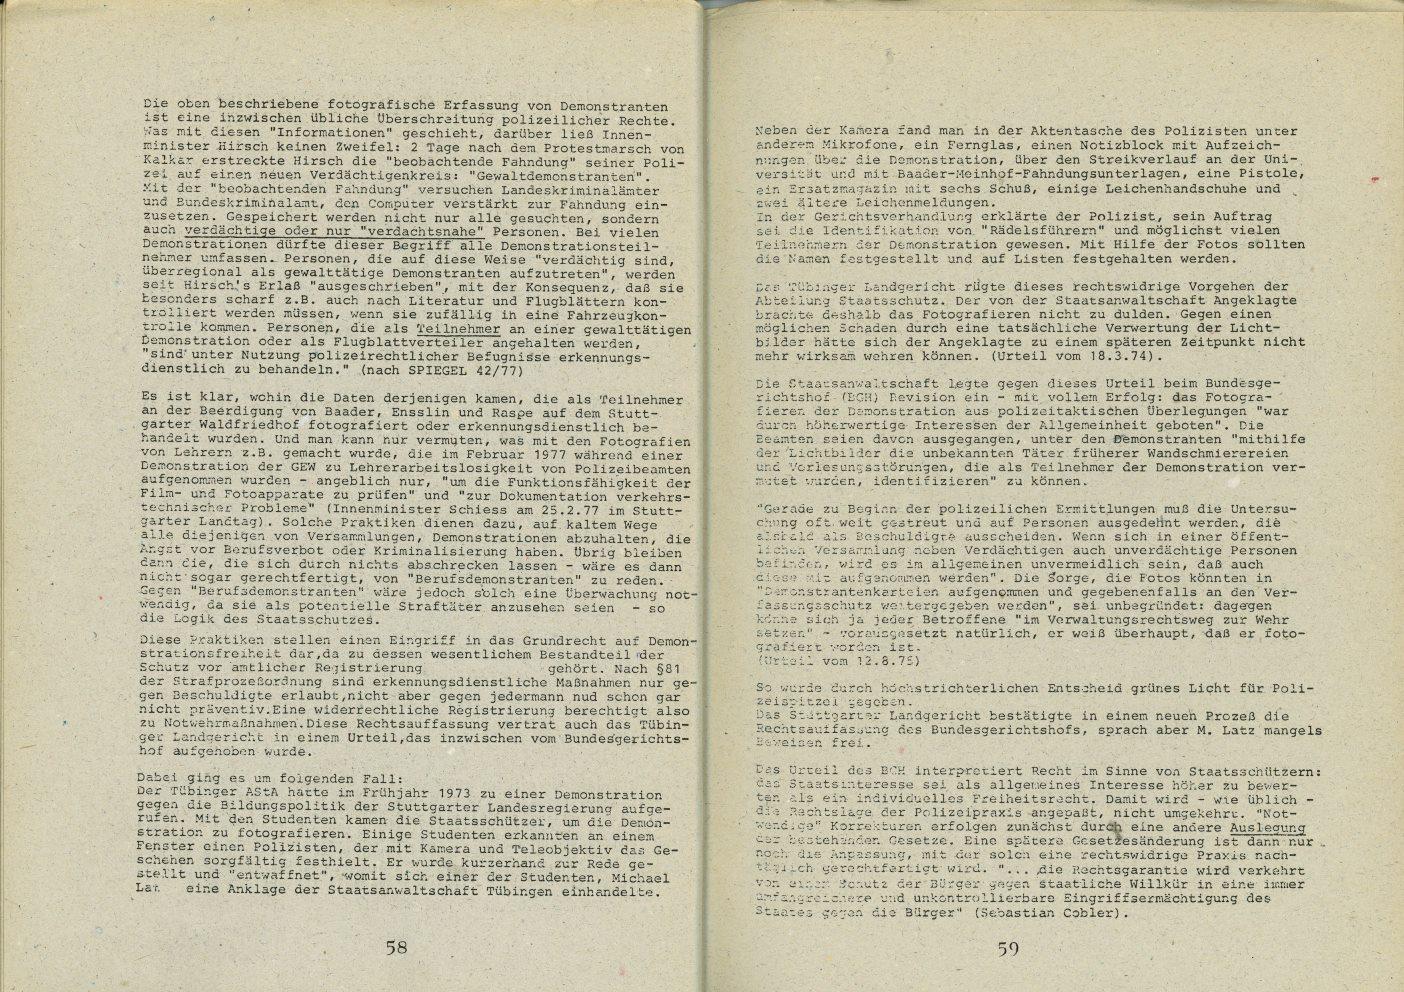 Stuttgart_AGRT_Menschenrechtsverletzungen_Leseheft_1978_31